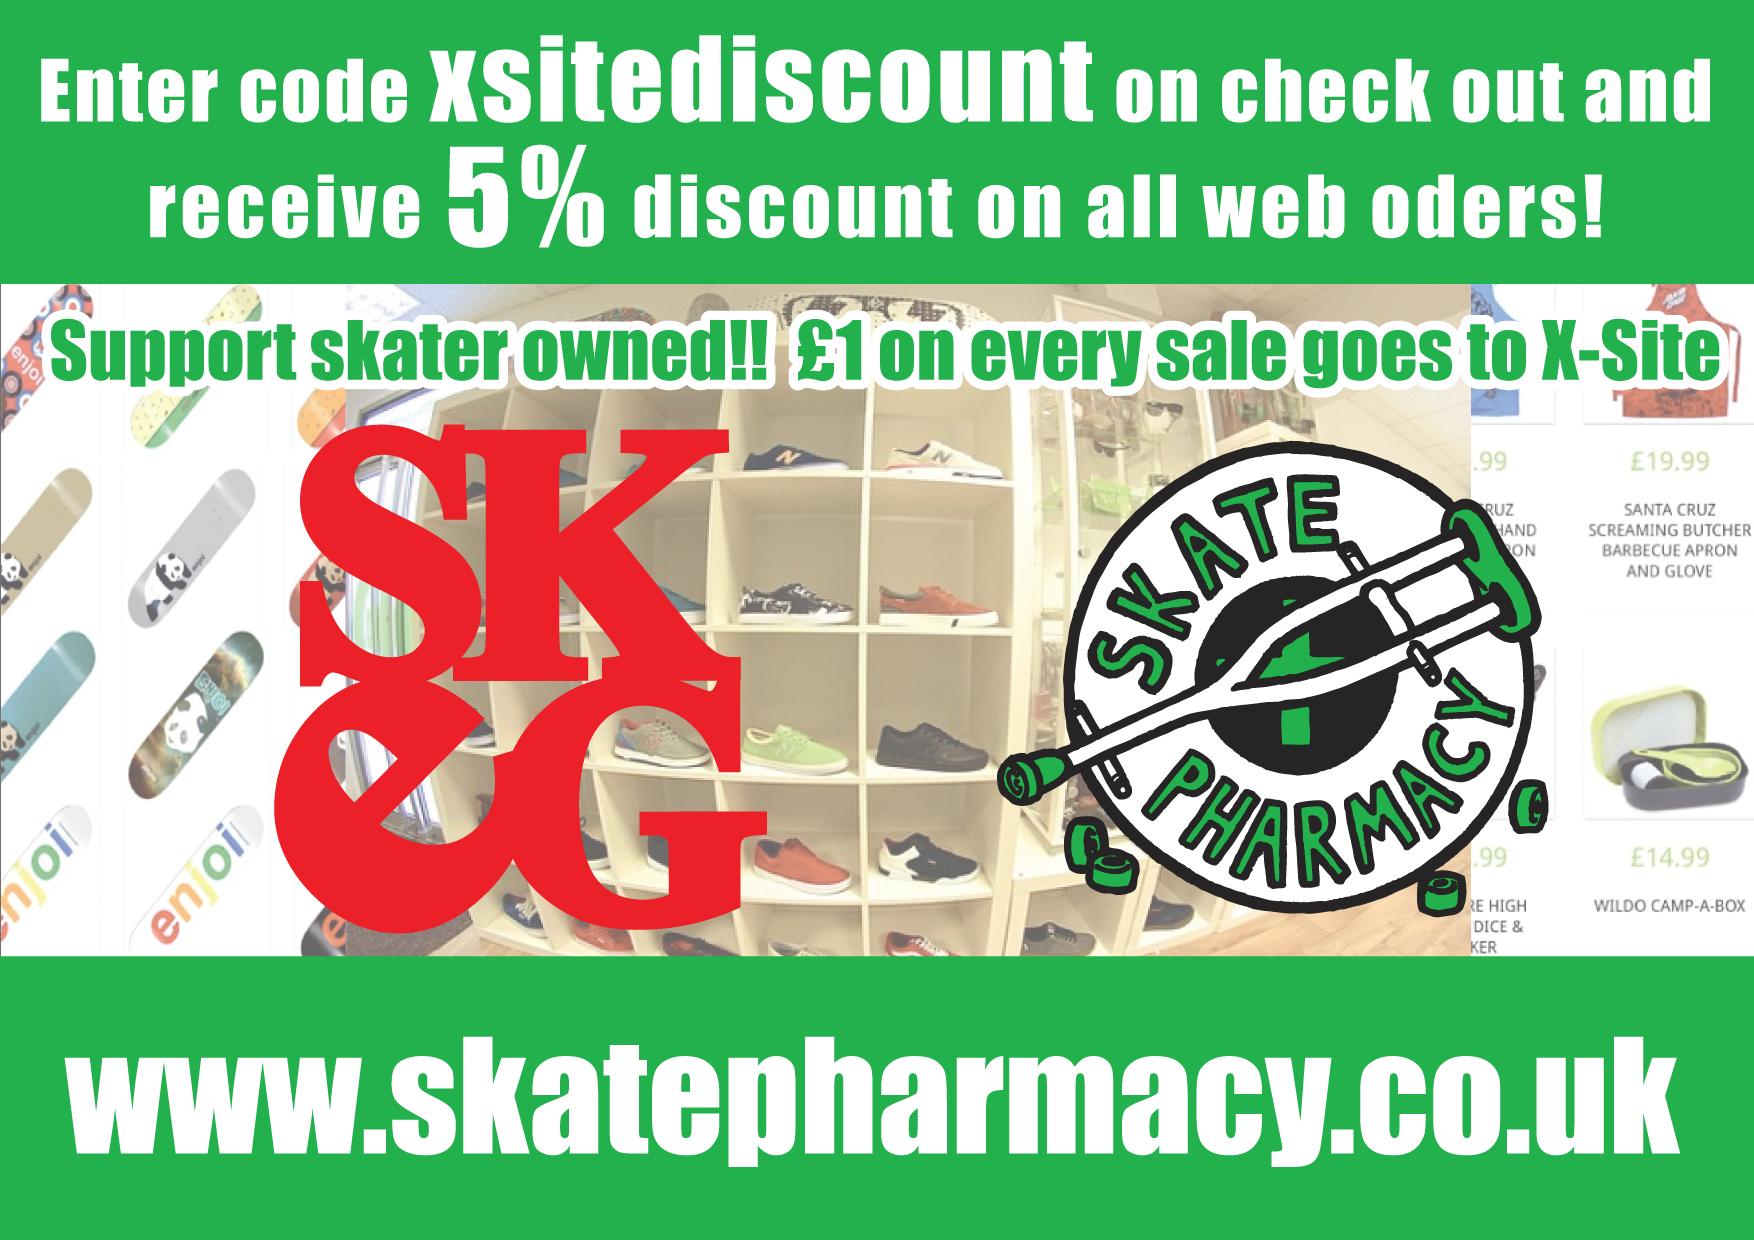 Skate Pharmacy